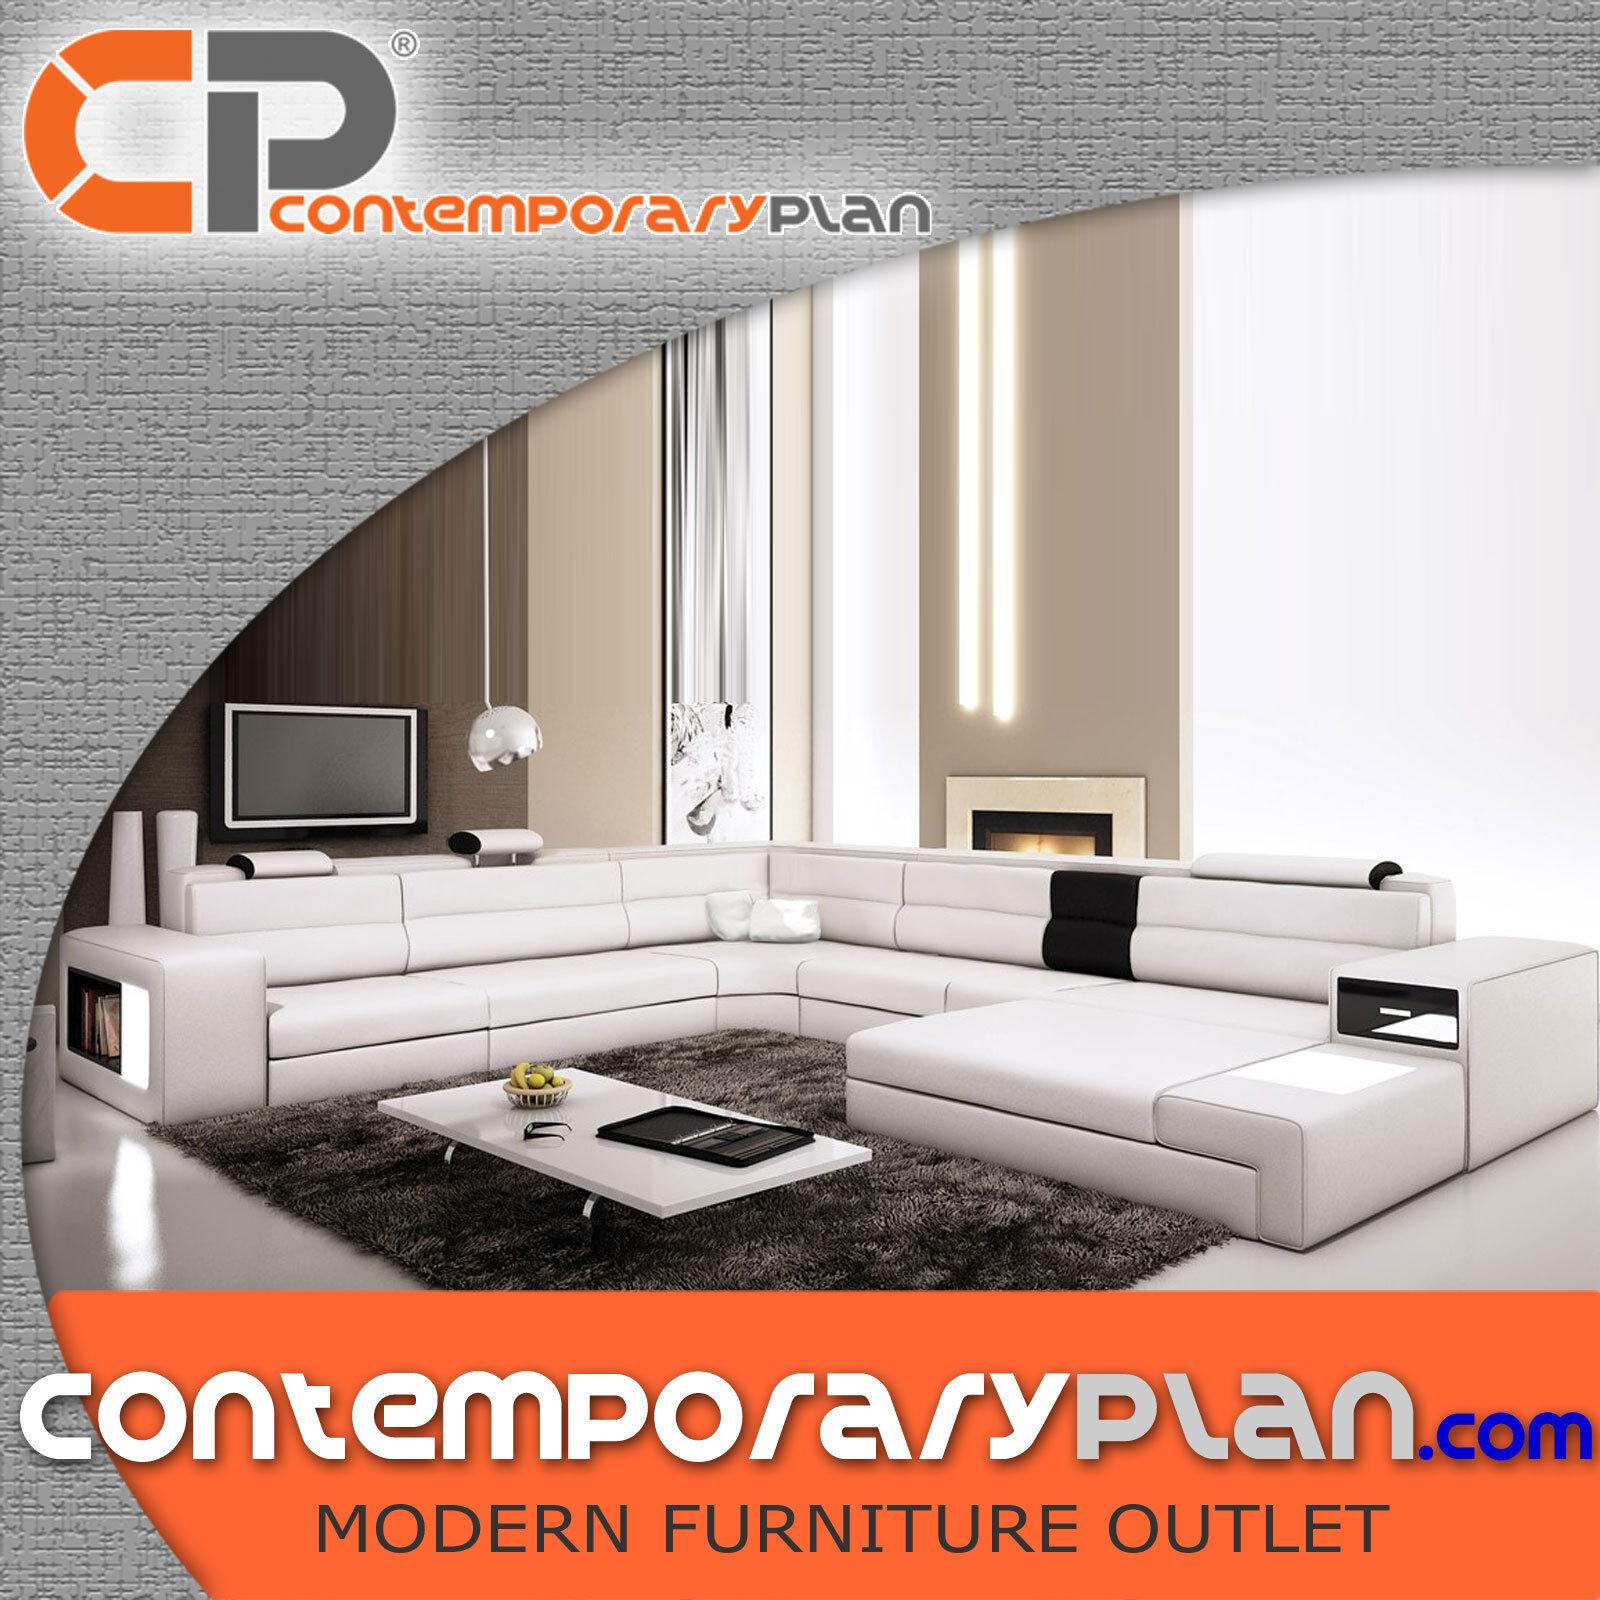 Polaris White Italian Leather Sectional Sofa - Modern Design